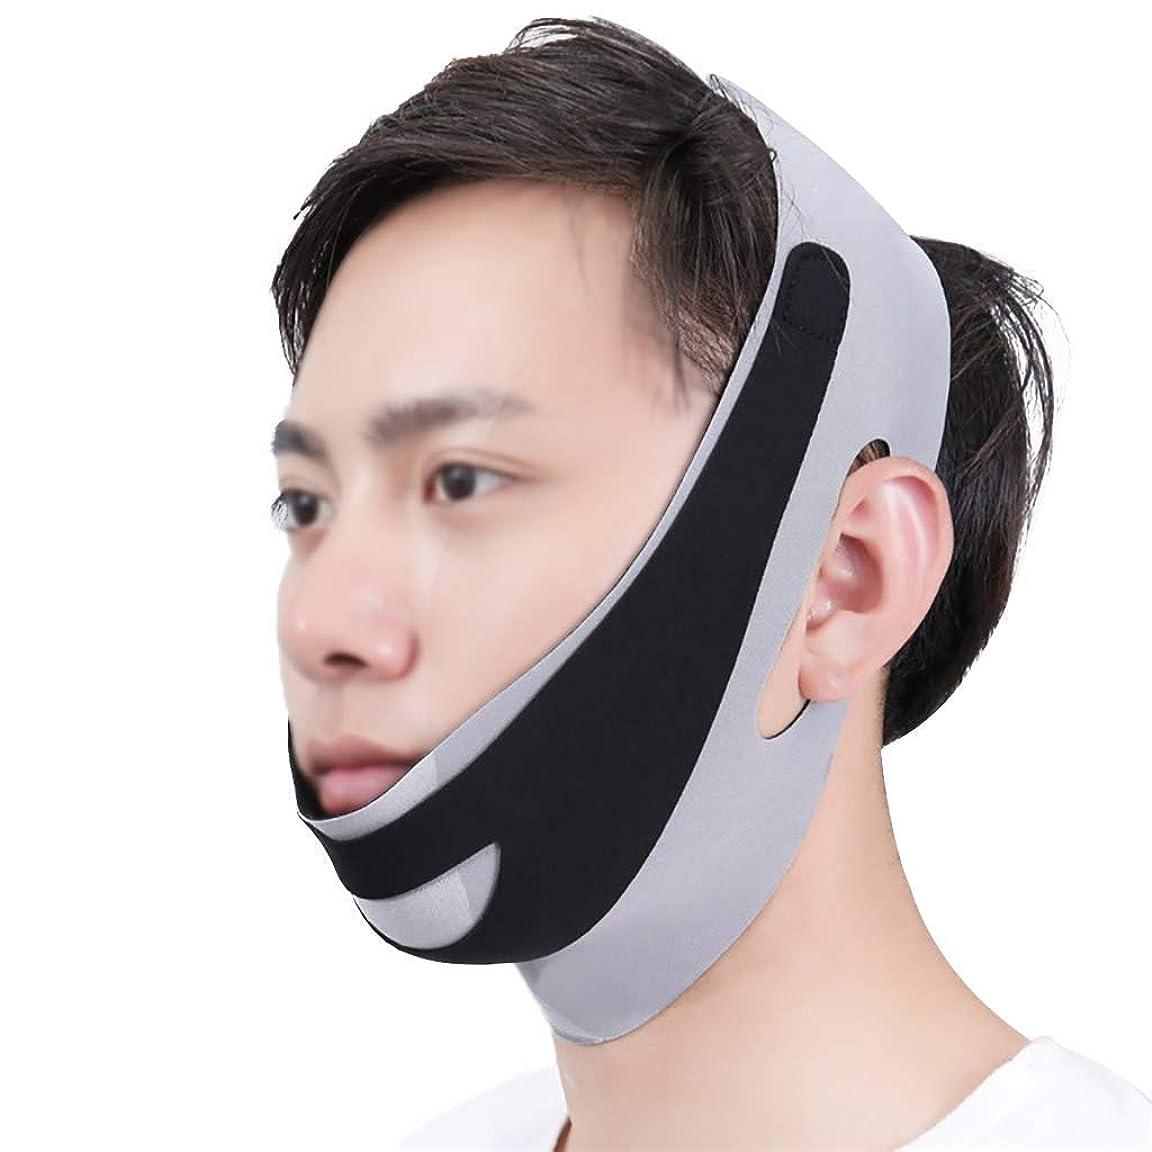 突然の帰る予定顔と首のリフト術後の弾性フェイスマスク小さなV顔アーティファクト薄い顔包帯アーティファクトV顔ぶら下げ耳リフティング引き締め男性の顔アーティファクト